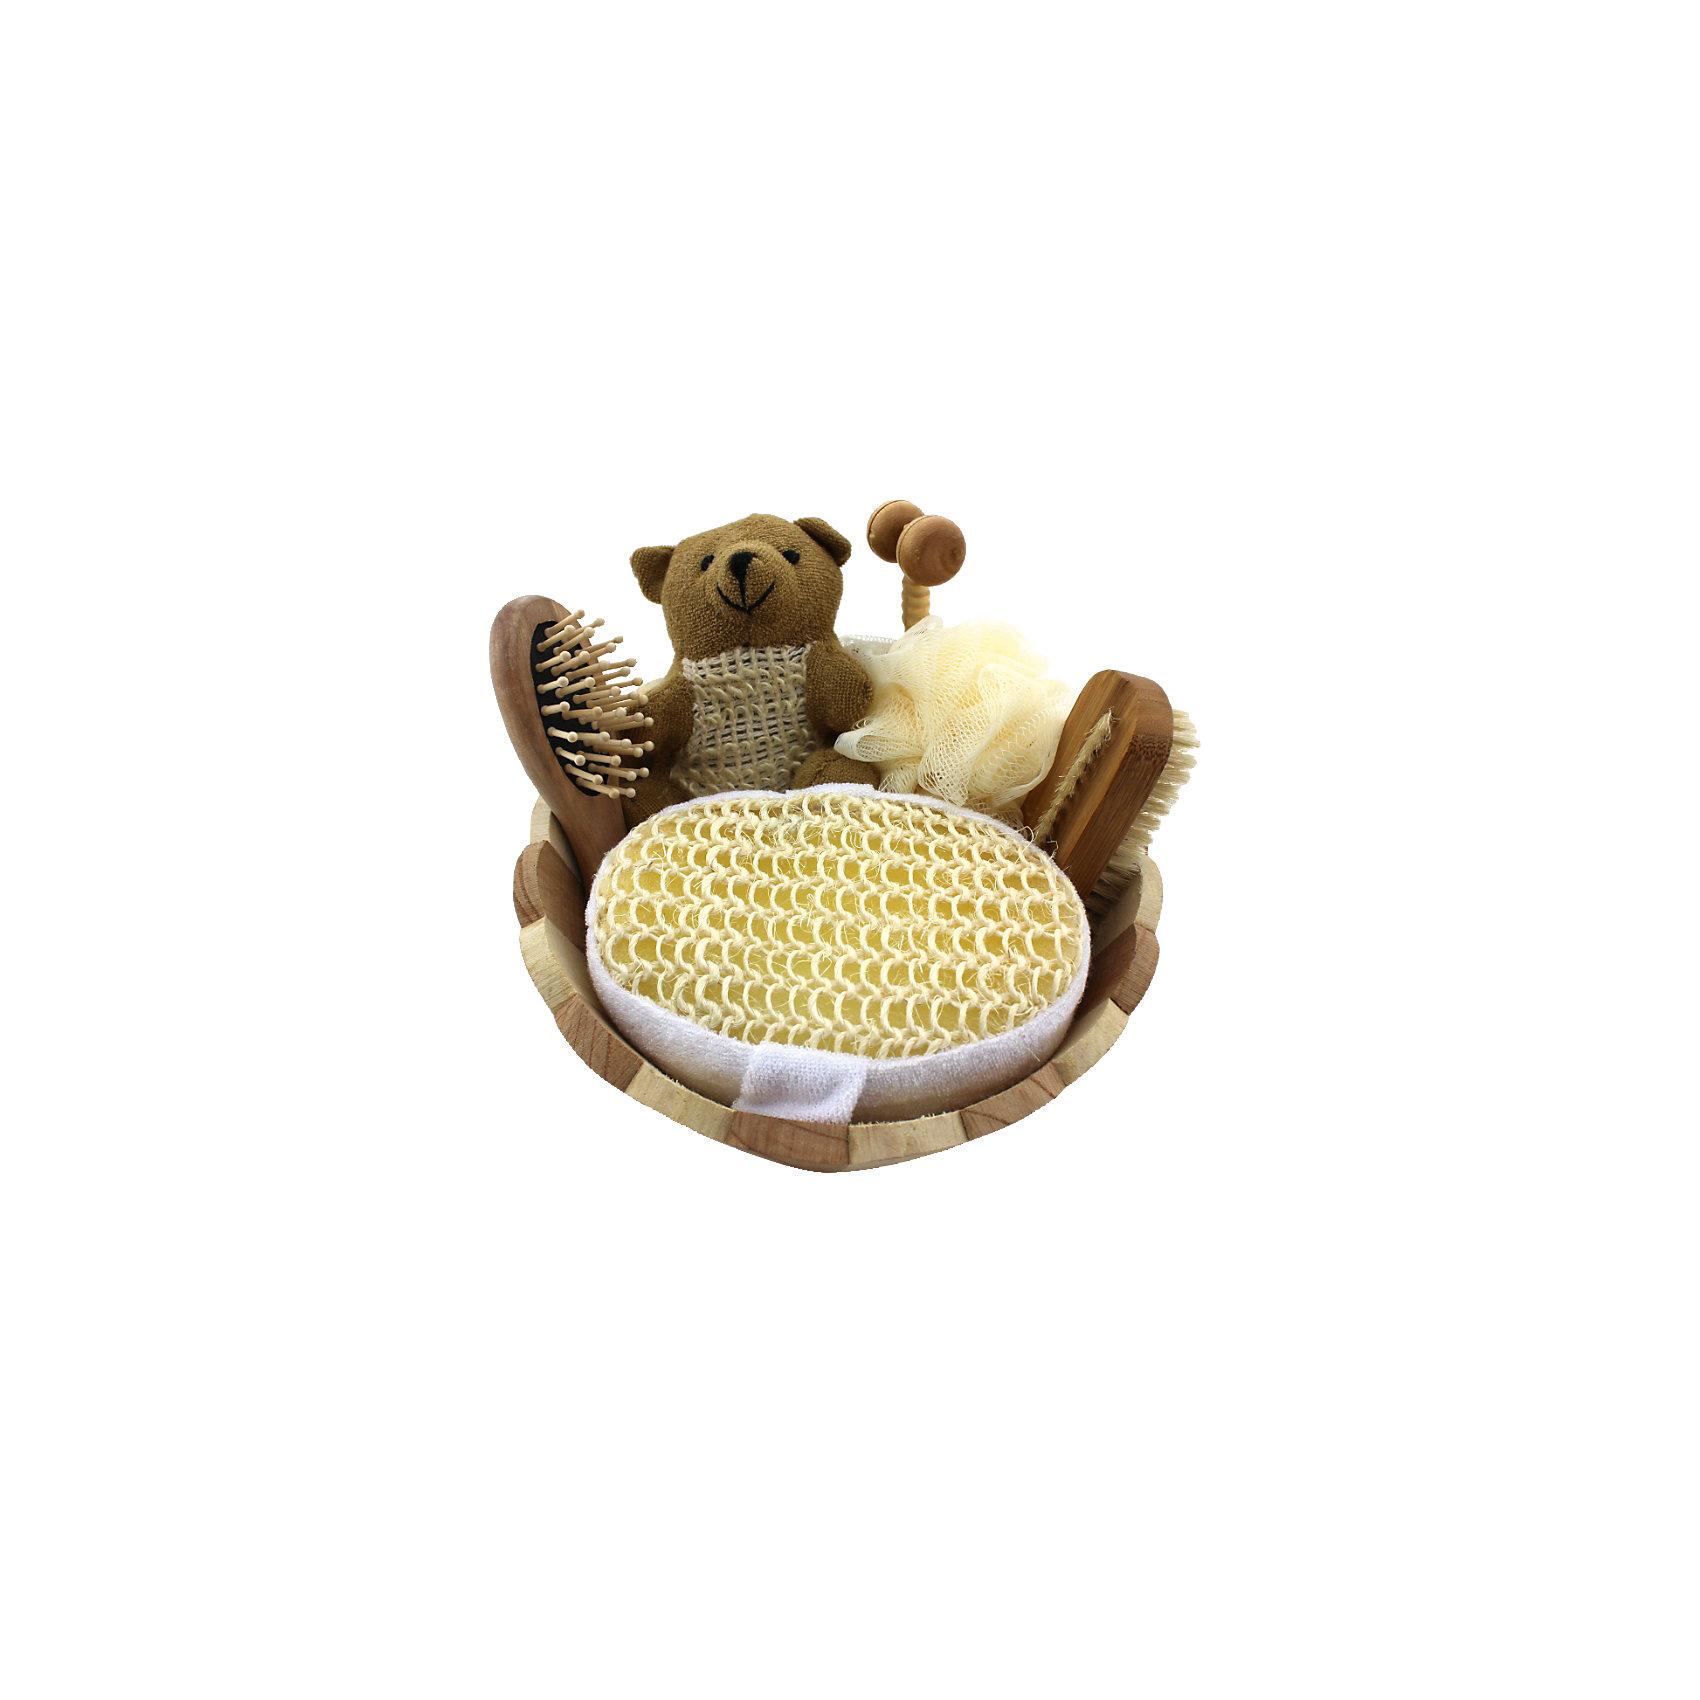 Набор для ванной и бани Бежевый мишка (6 предметов)Ванная комната<br>Набор для ванной и бани приятный подарок на любой праздник. В набор входит удобная маленькая мочалка для купания (из сизаля), мочалка для купания из полиэтилена, мочалка в виде мишки, массажный ролик из древесины павловнии, массажная щетка для волос из дерева, массажная щетка для тела. Все предметы упакованы в оригинальную деревянную коробку, которая сможет служить шкатулкой для различных мелочей. <br><br>Дополнительная информация:<br><br>- Материал: древесина тополя, древесина павлонии, полиэтилен, пемза, сизаль, текстиль. <br>- Размер упаковки: 22х6,5 см.<br>- Комплектация: маленькая мочалка, большая мочалка, мочалка в виде мишки, щетка для тела, щетка для волос.<br> <br>Набор для ванной и бани Бежевый мишка (6 предметов) можно купить в нашем магазине.<br><br>Ширина мм: 220<br>Глубина мм: 65<br>Высота мм: 65<br>Вес г: 300<br>Возраст от месяцев: 36<br>Возраст до месяцев: 2147483647<br>Пол: Унисекс<br>Возраст: Детский<br>SKU: 4548381